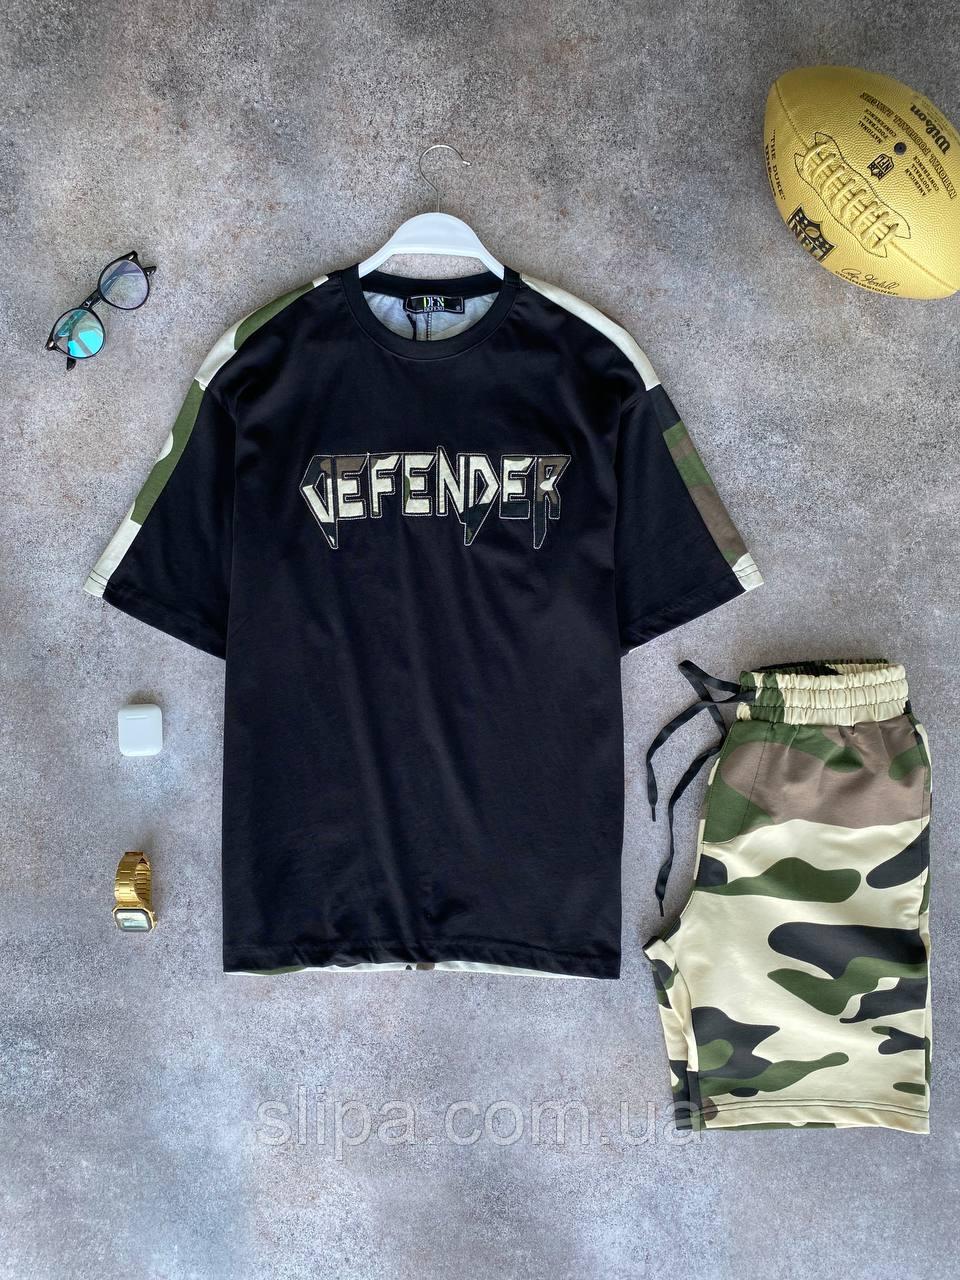 Камуфляжный светлый летний оверсайз комплект DFN DEFENDER футболка + шорты | Турция | 100% хлопок